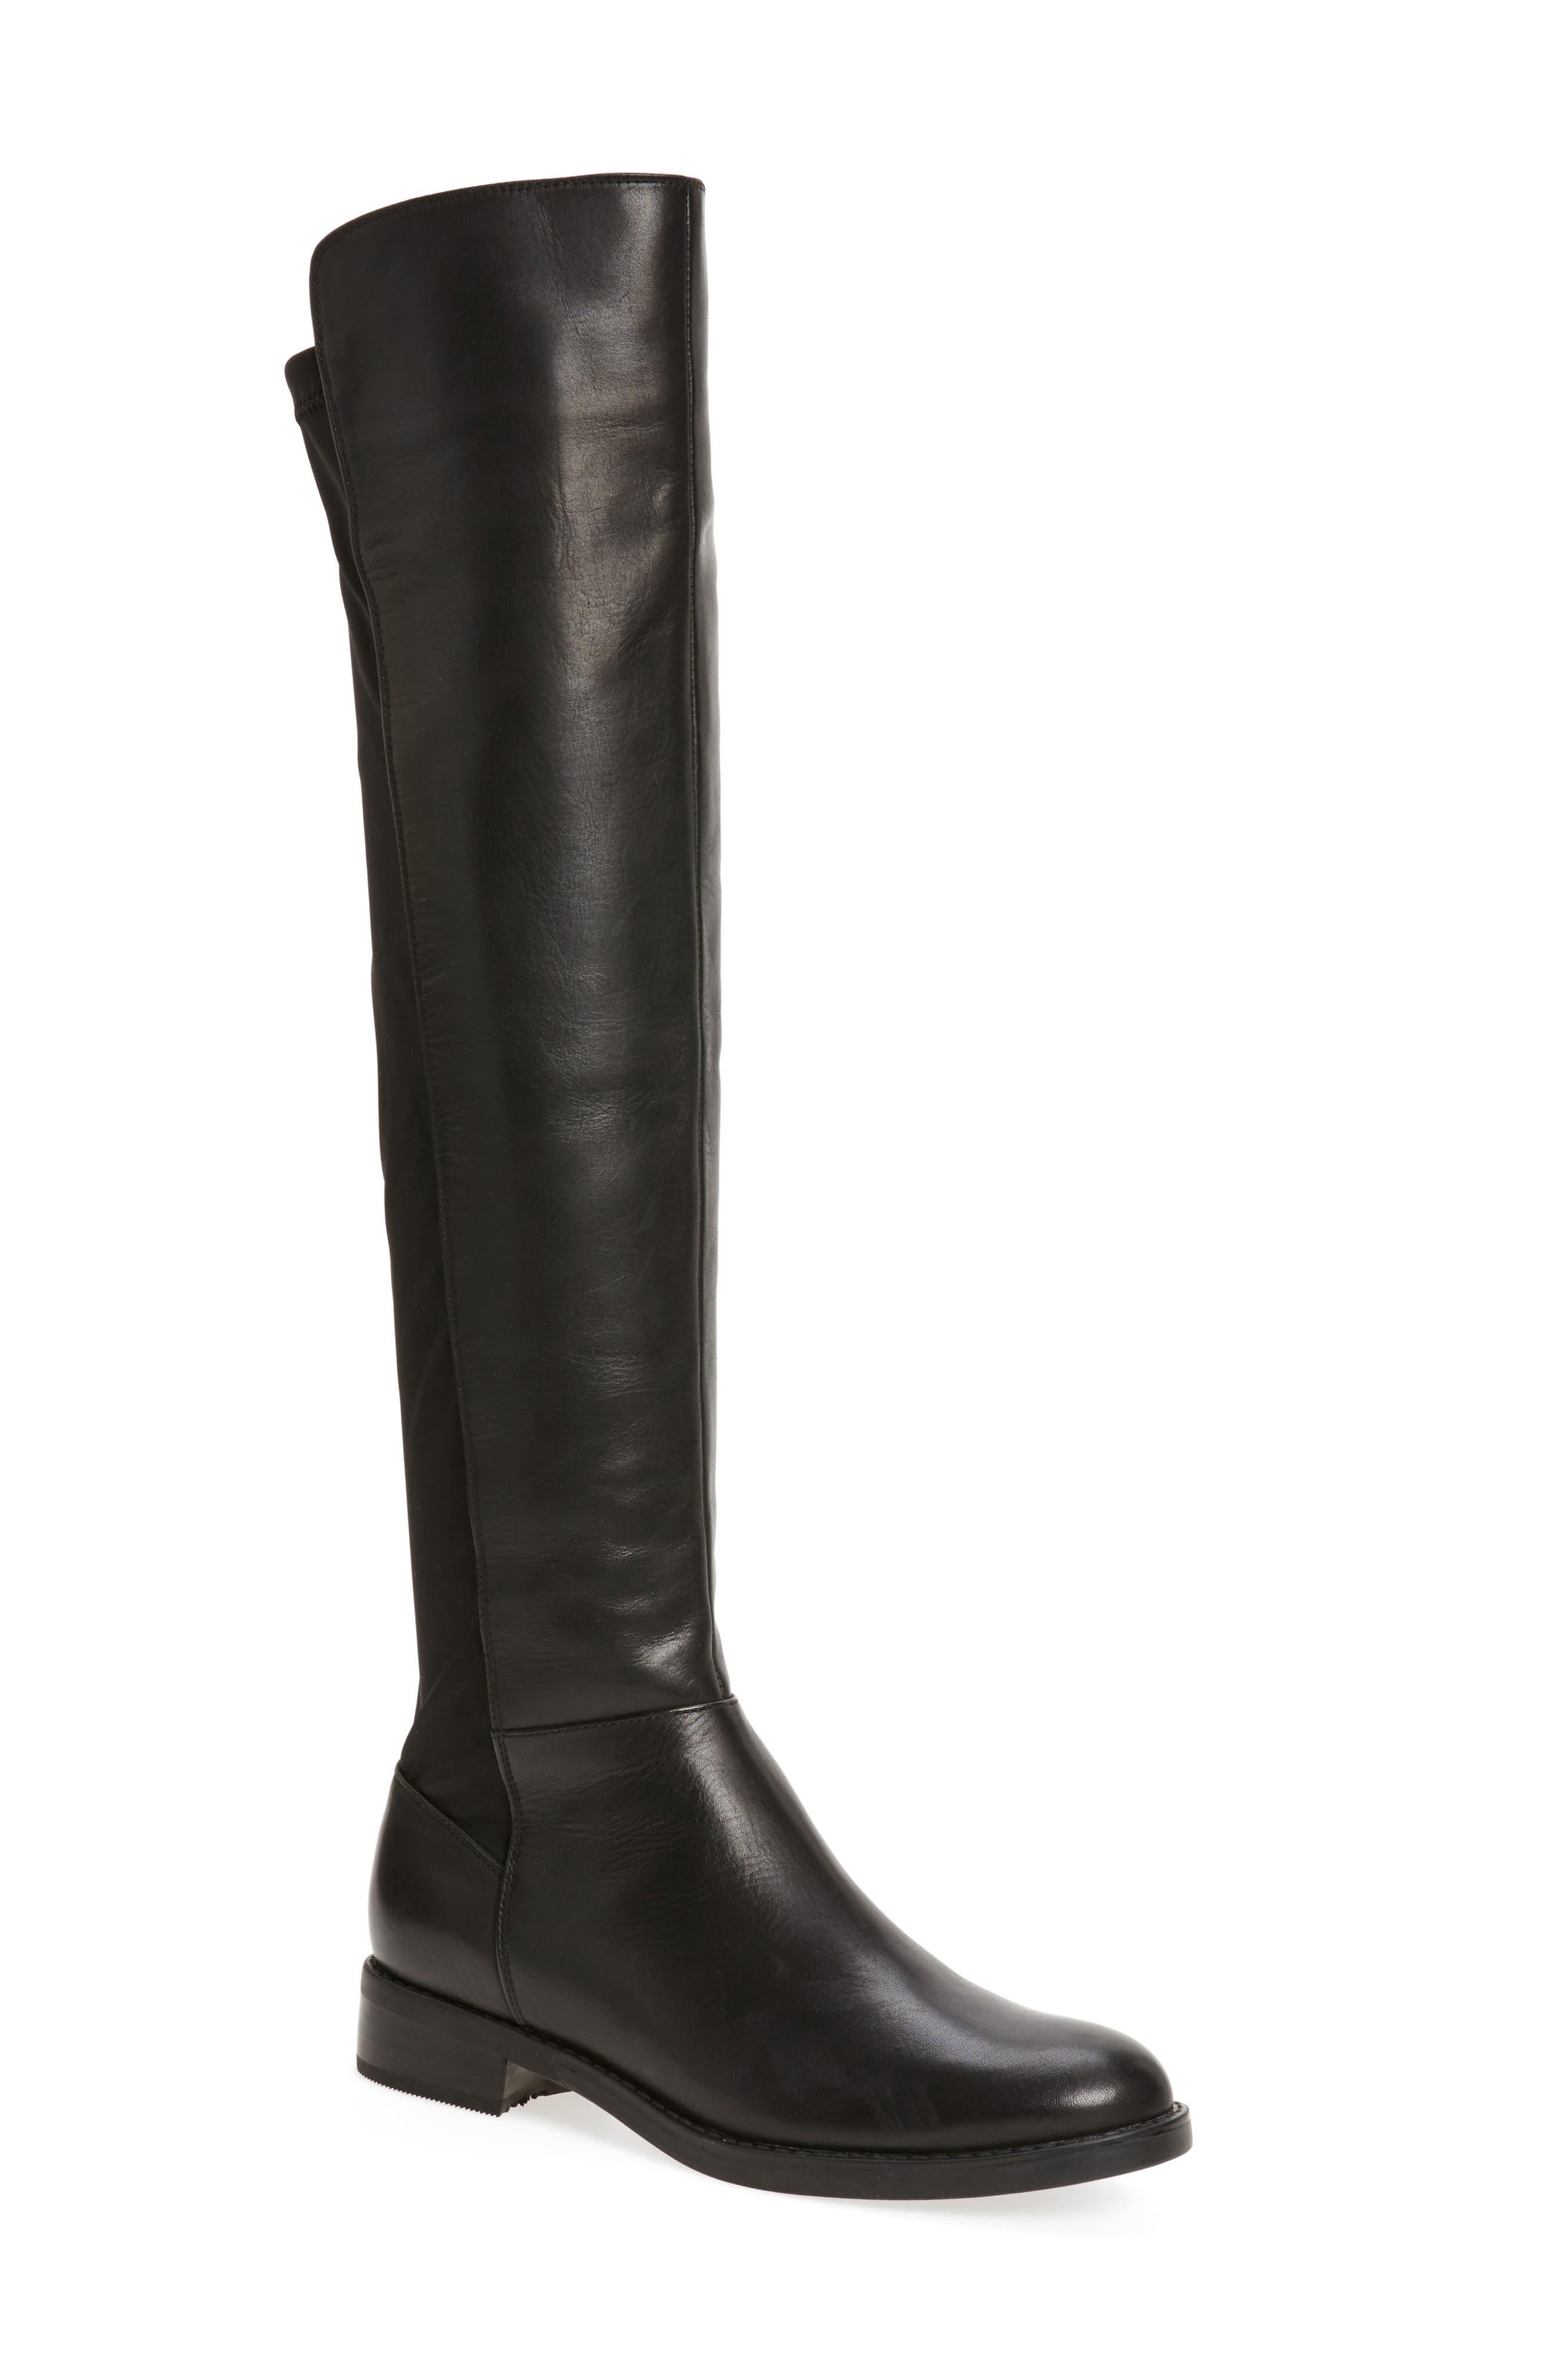 Blondo Olivia Knee High Boot (Women)